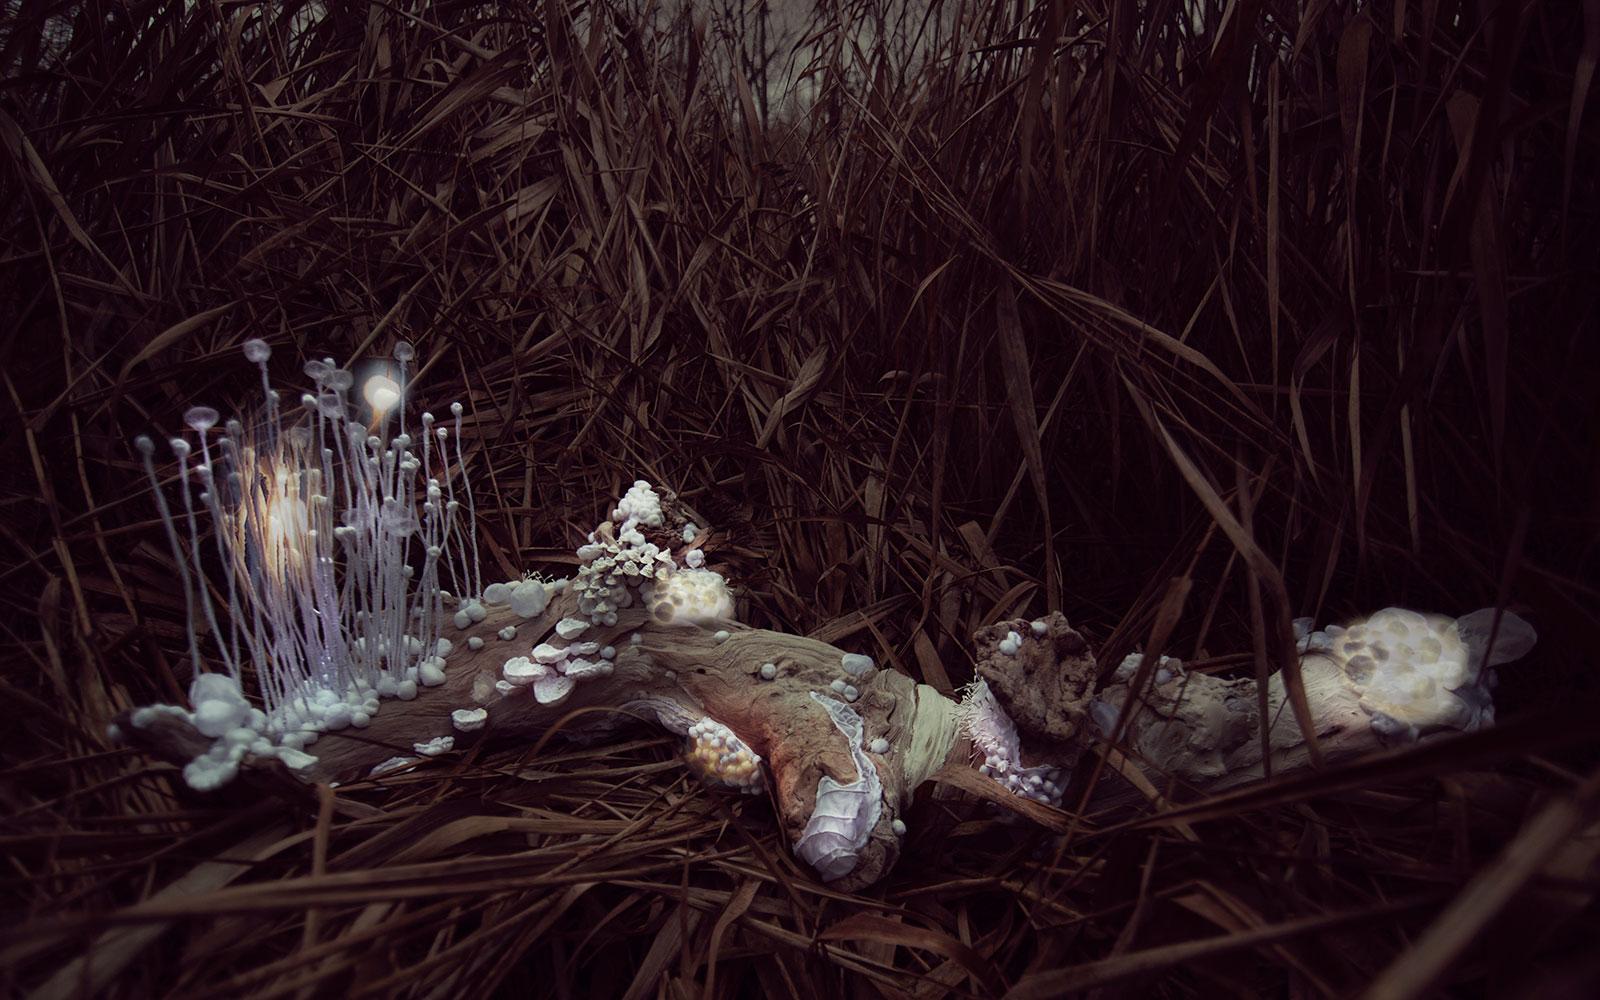 Borovice — svítící objekt Evy Spacelights. Nečasové